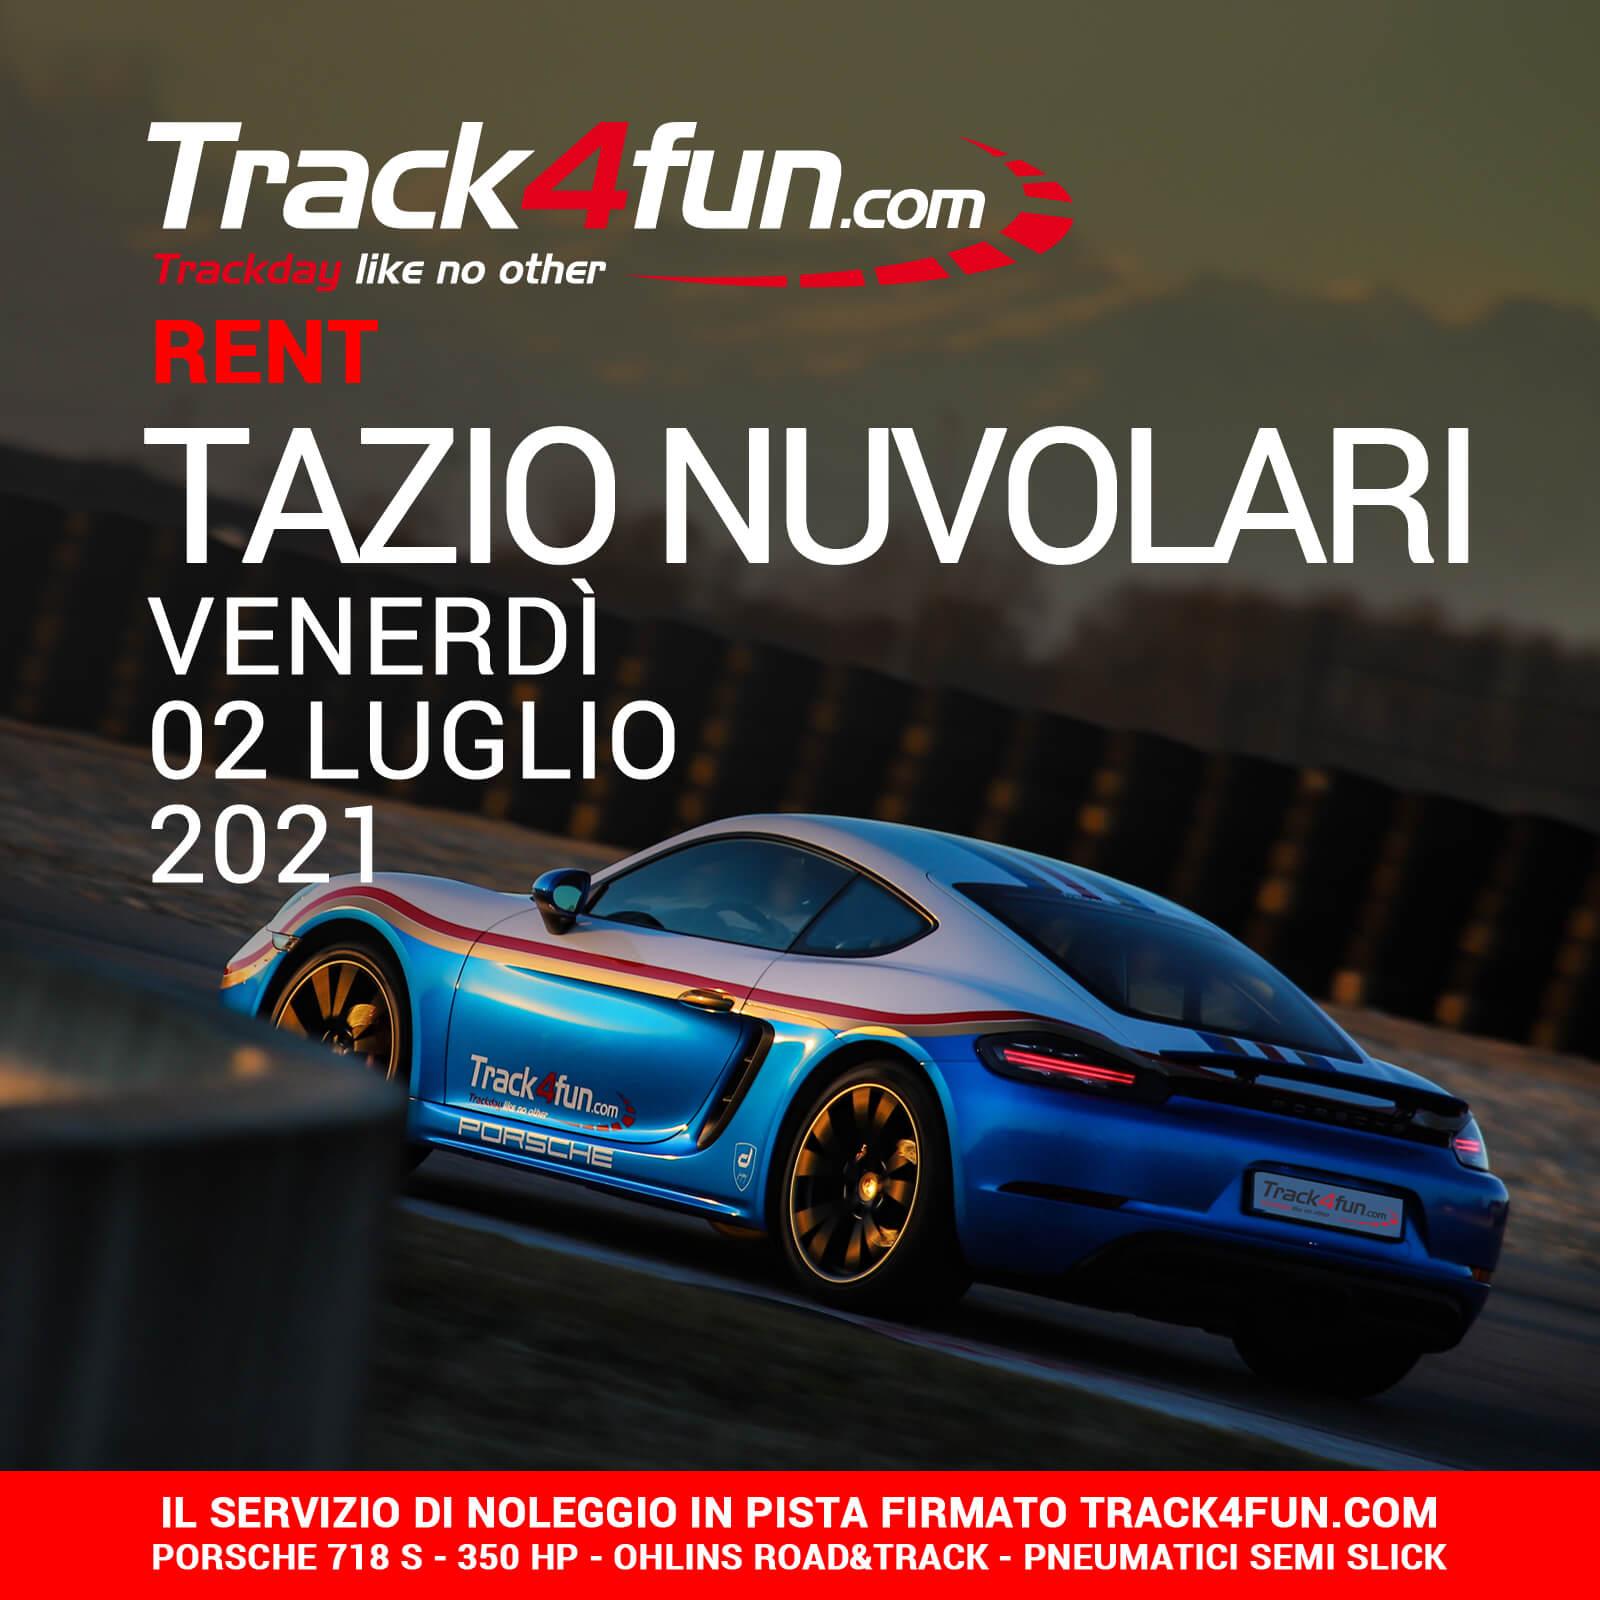 Track4fun Rent Tazio Nuvolari 02-07-2021